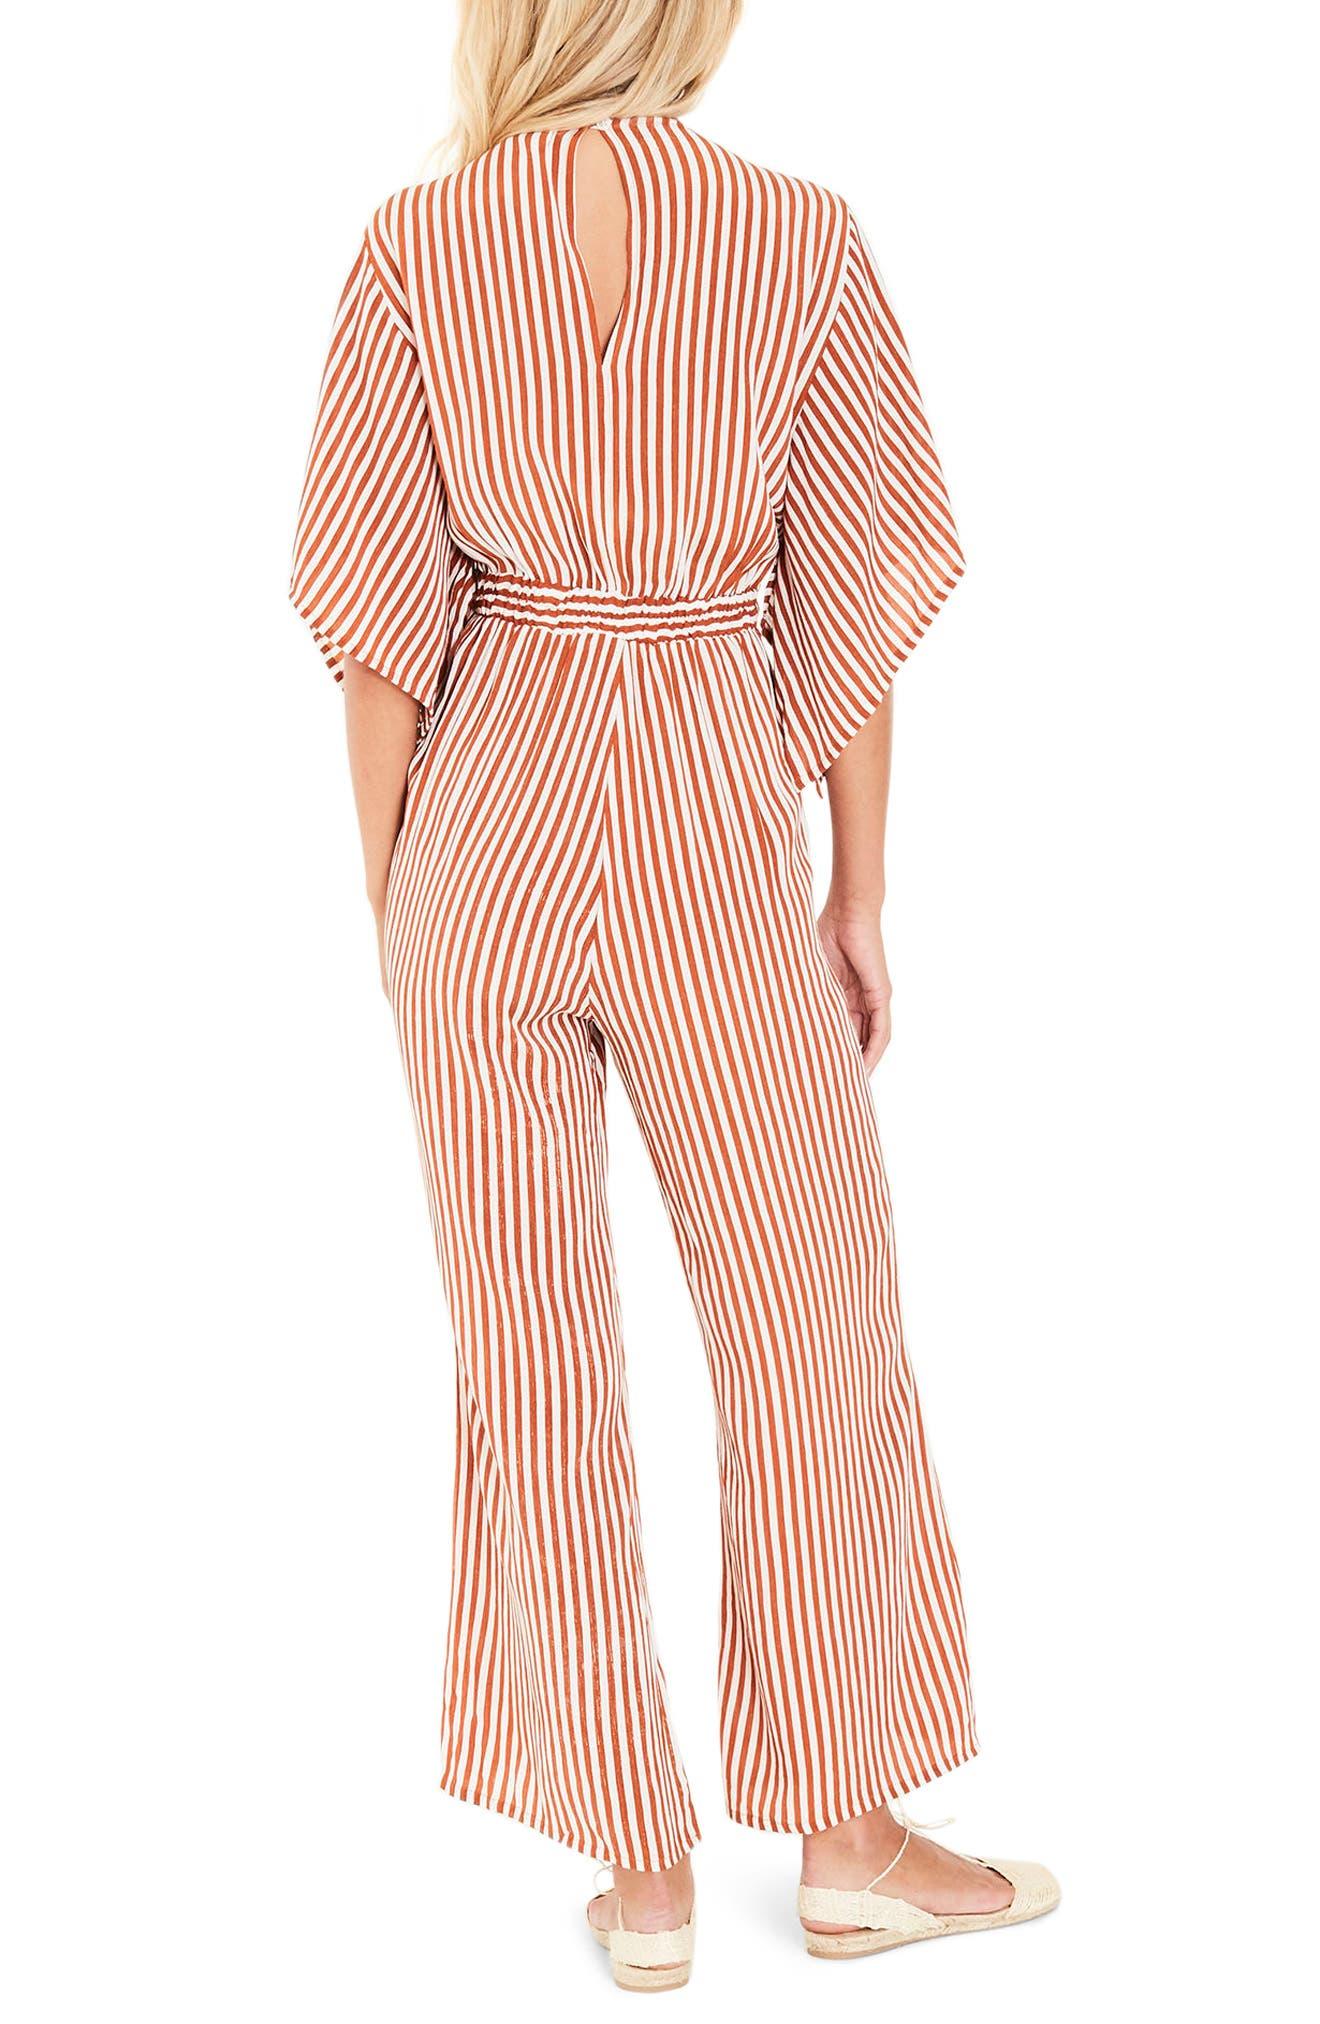 Tilos Stripe Tie Front Jumpsuit,                             Alternate thumbnail 2, color,                             802